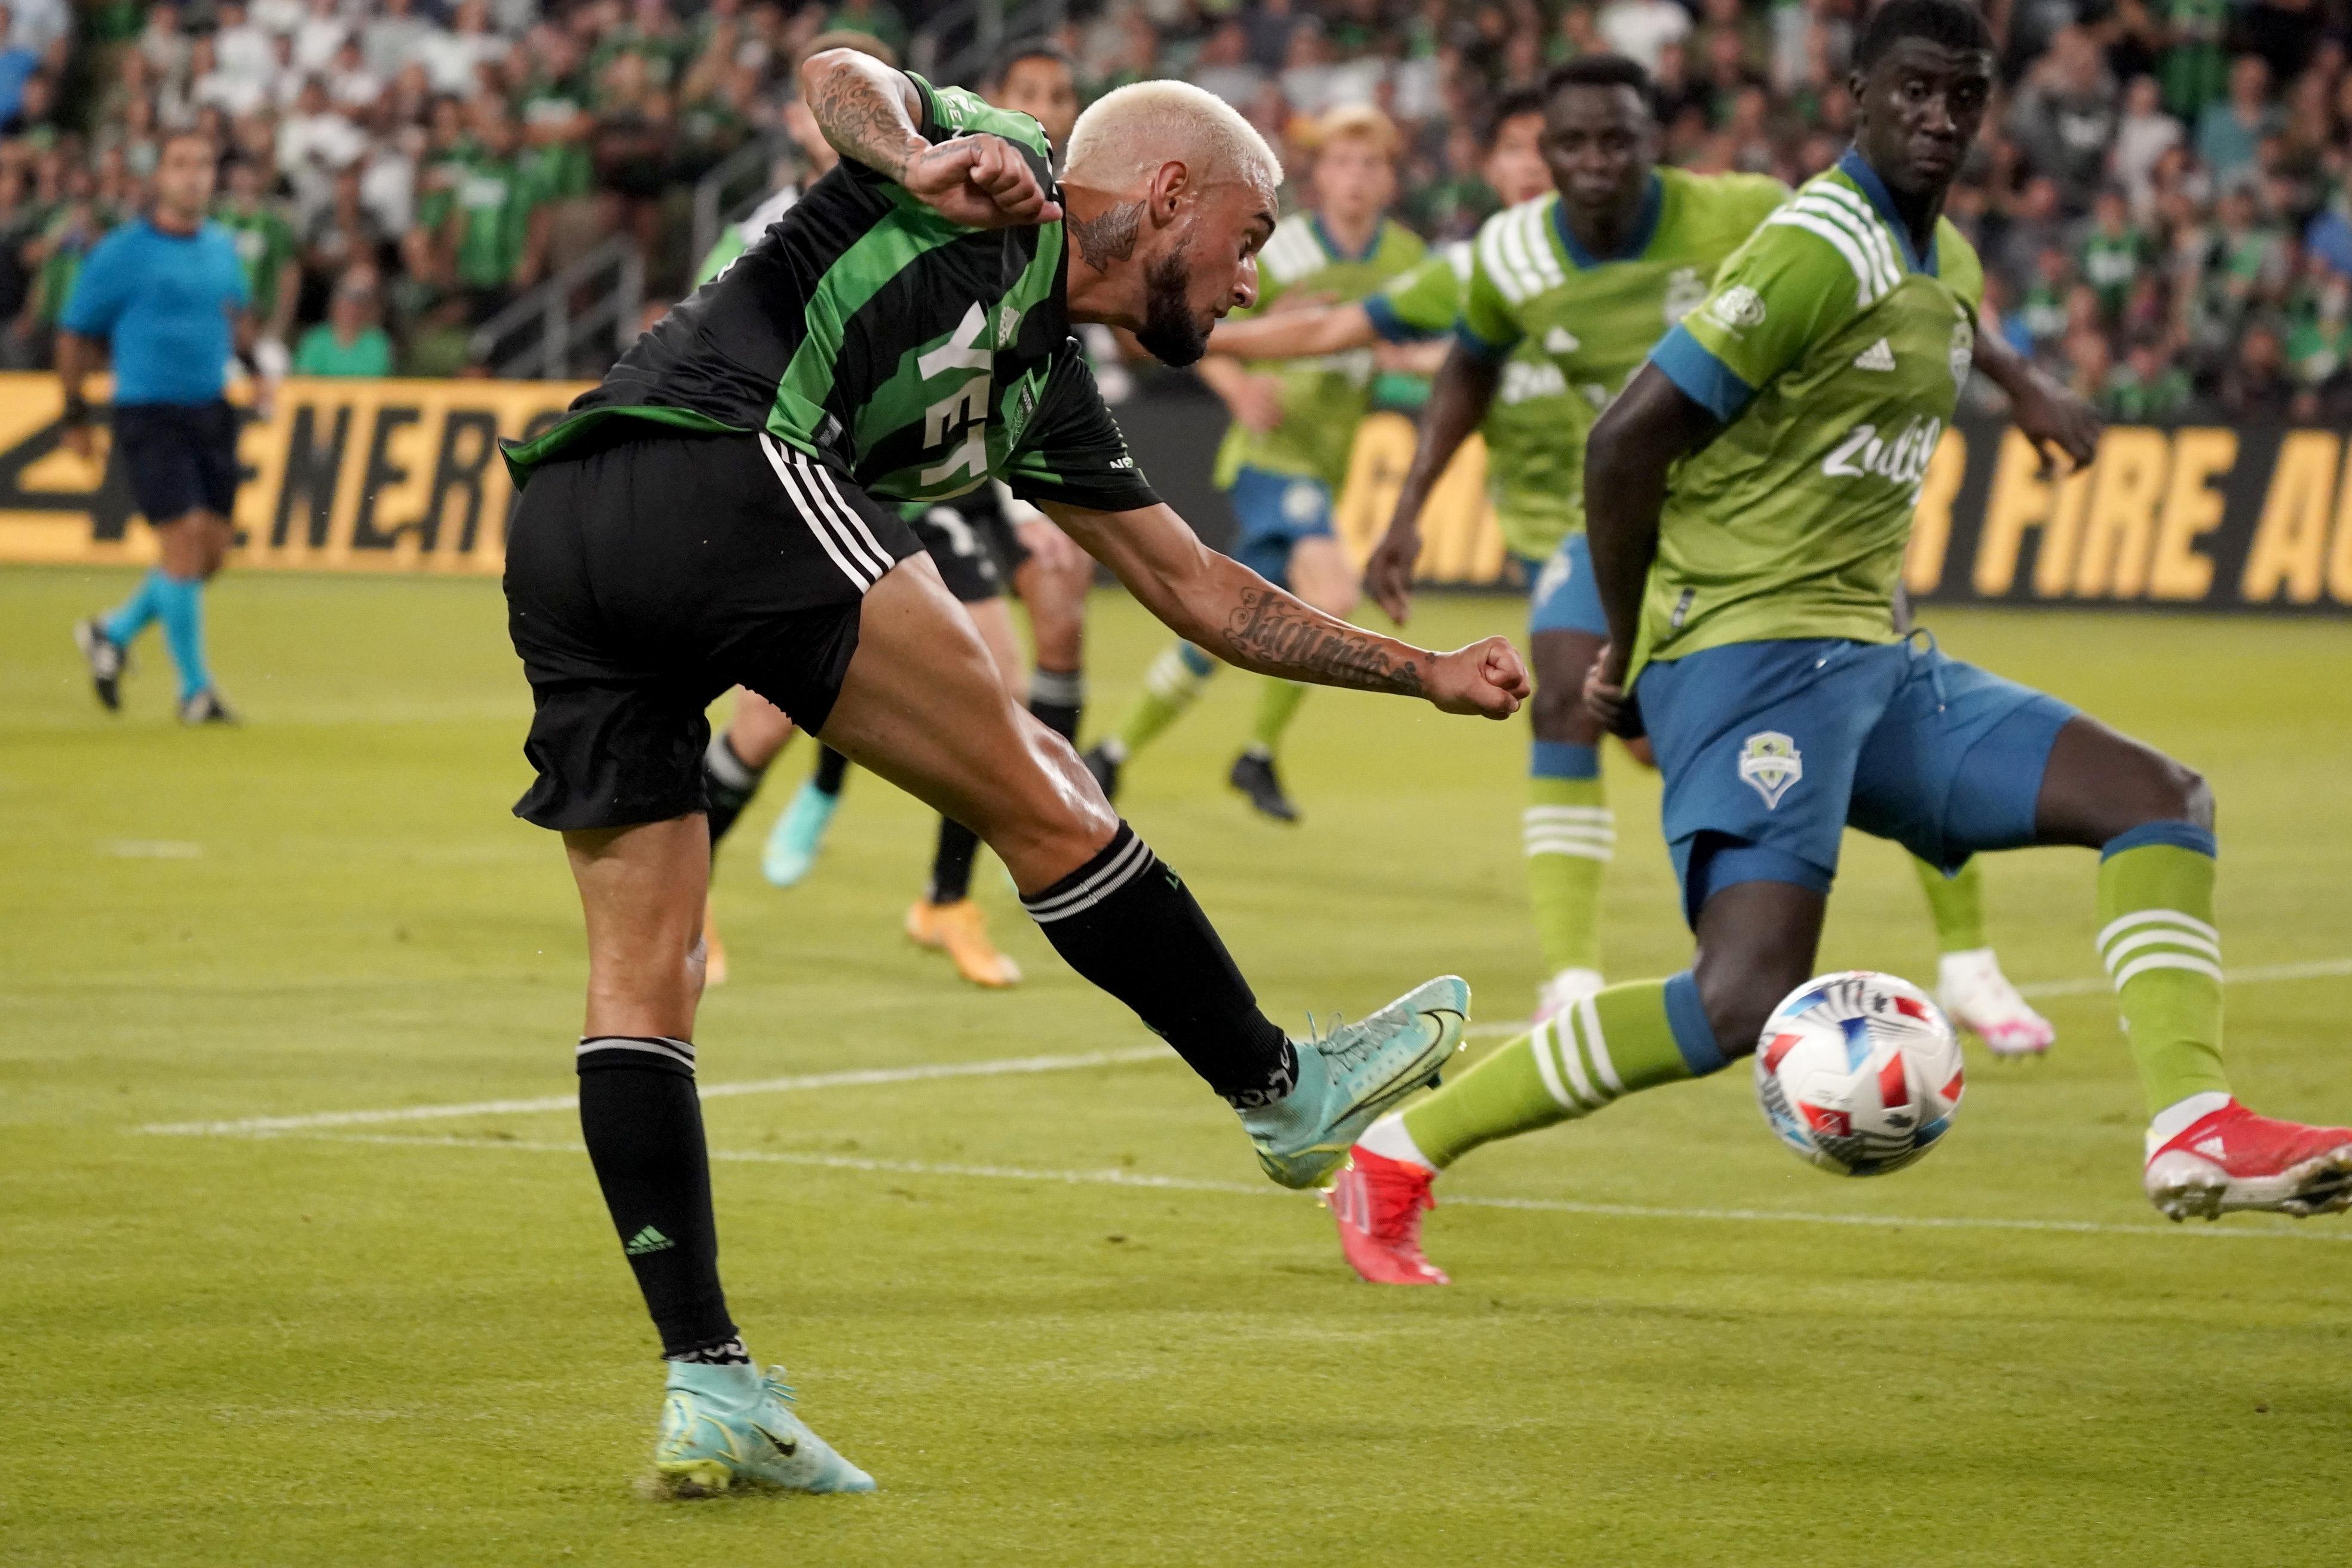 Austin FC vs Houston Dynamo Prediction, 8/4/2021 MLS Soccer Pick, Tips and Odds